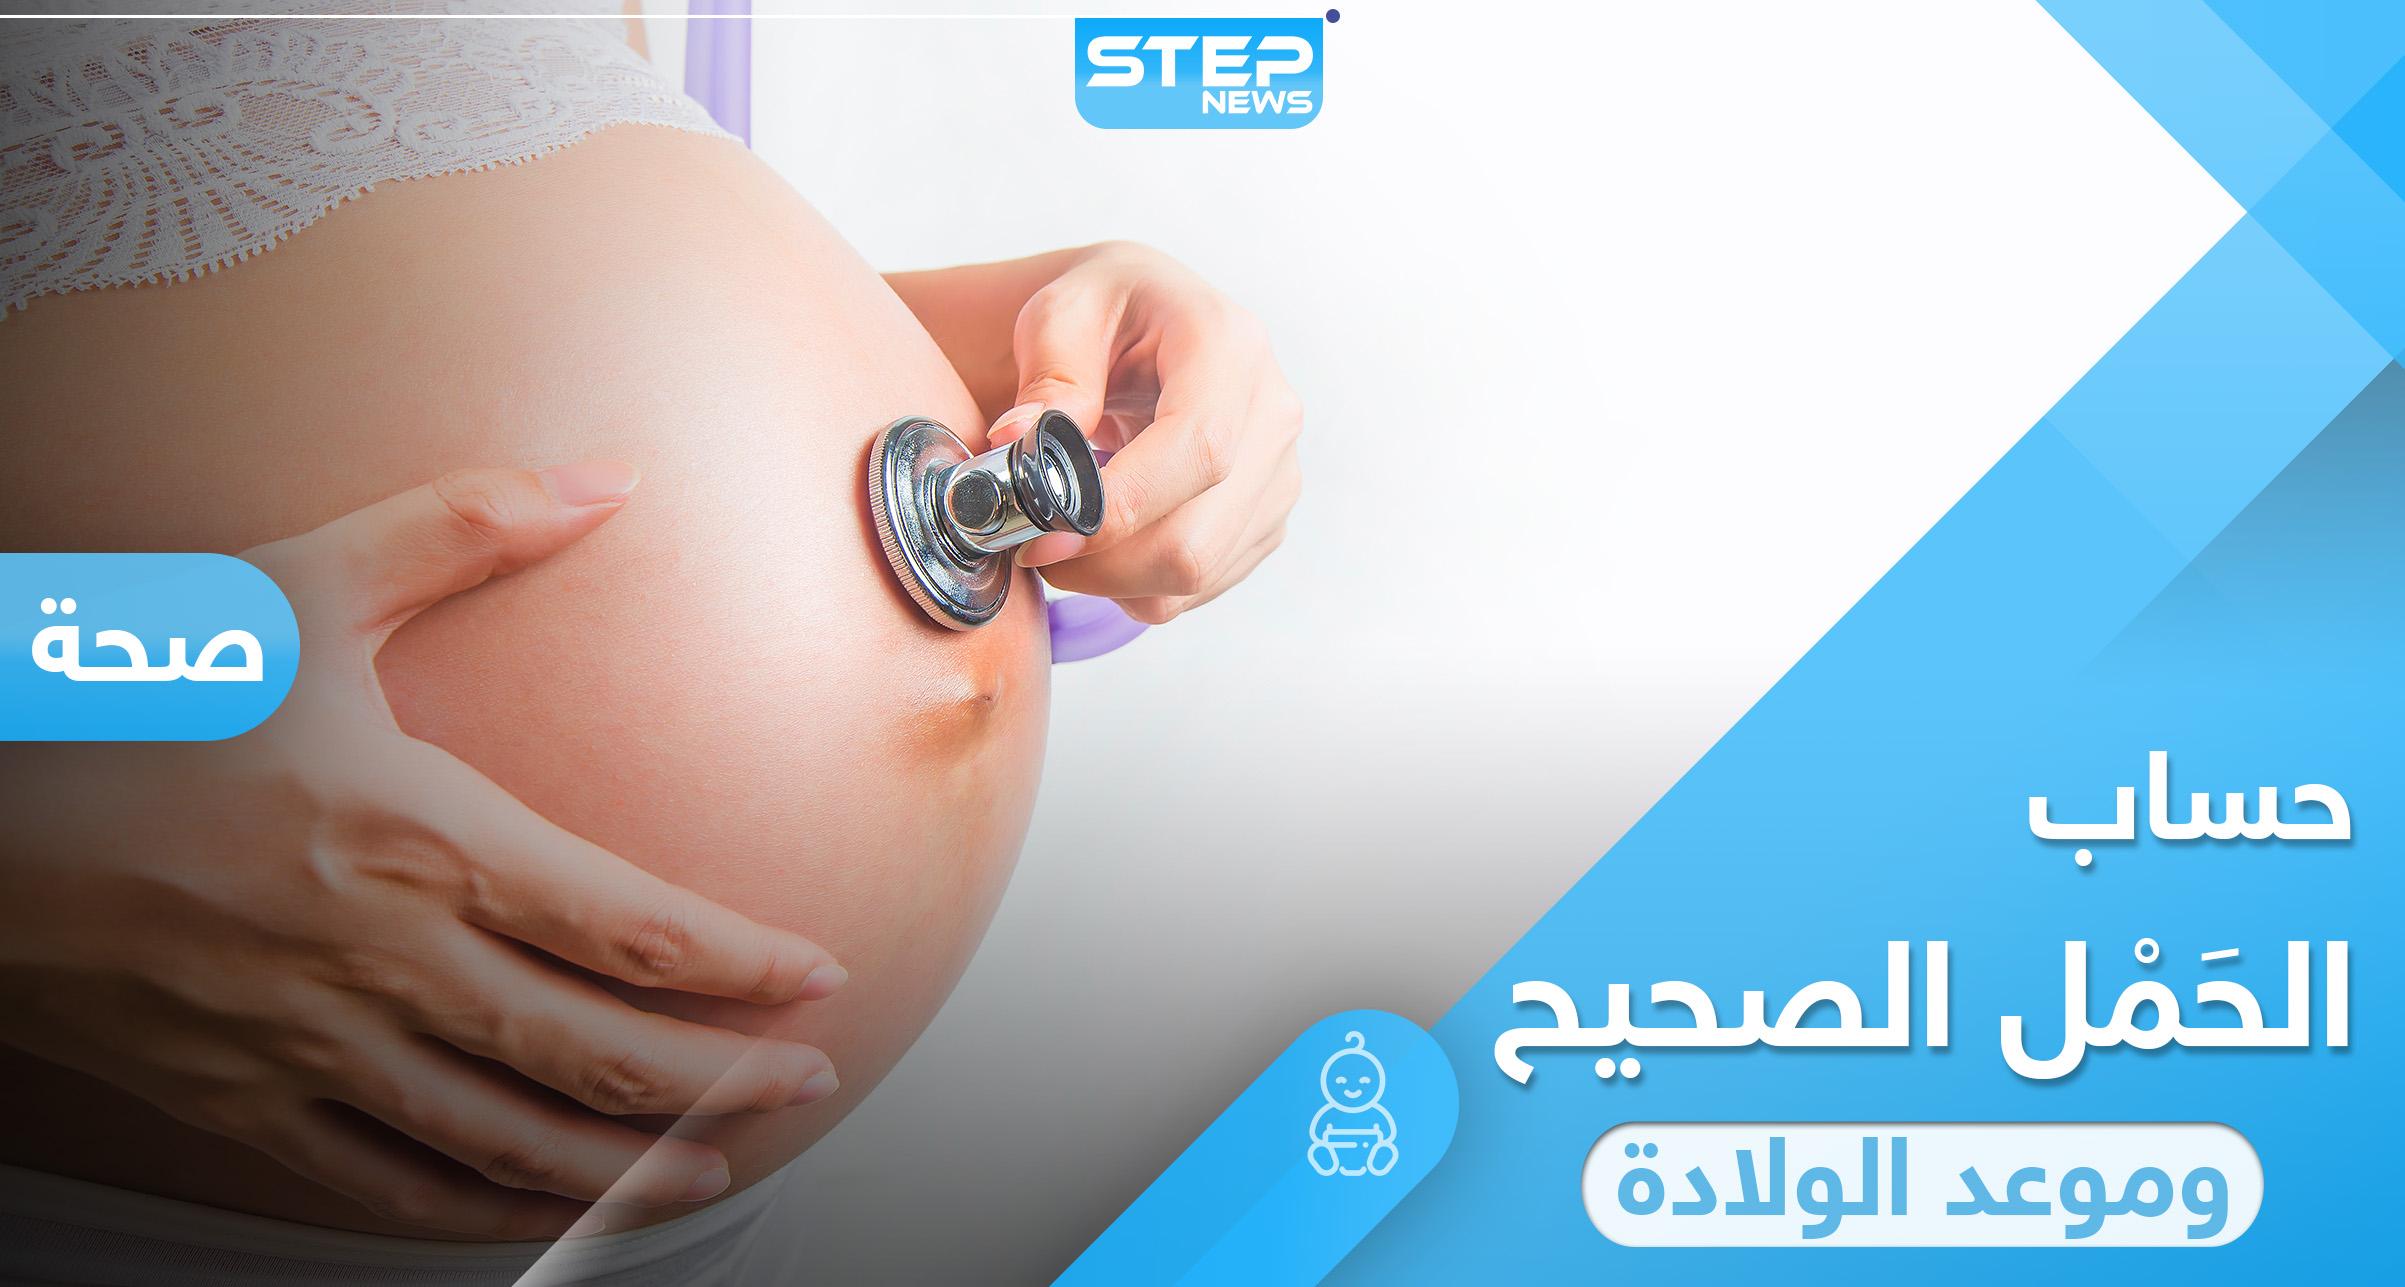 بطريقة بسيطة حساب الحمل الصحيح وموعد الولادة وكالة ستيب الإخبارية1